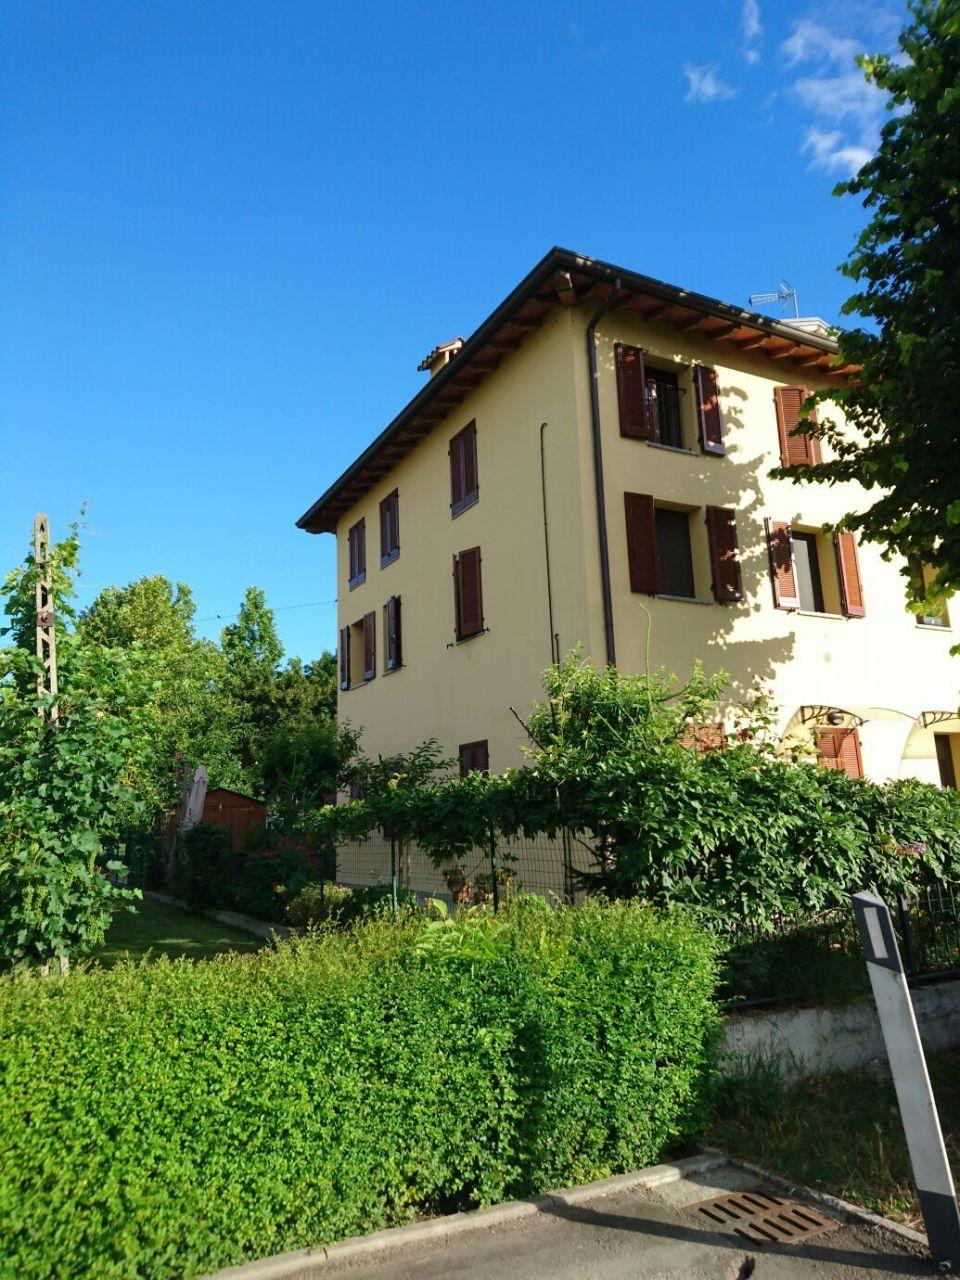 Appartamento in vendita a Parma, 2 locali, prezzo € 149.000 | Cambio Casa.it